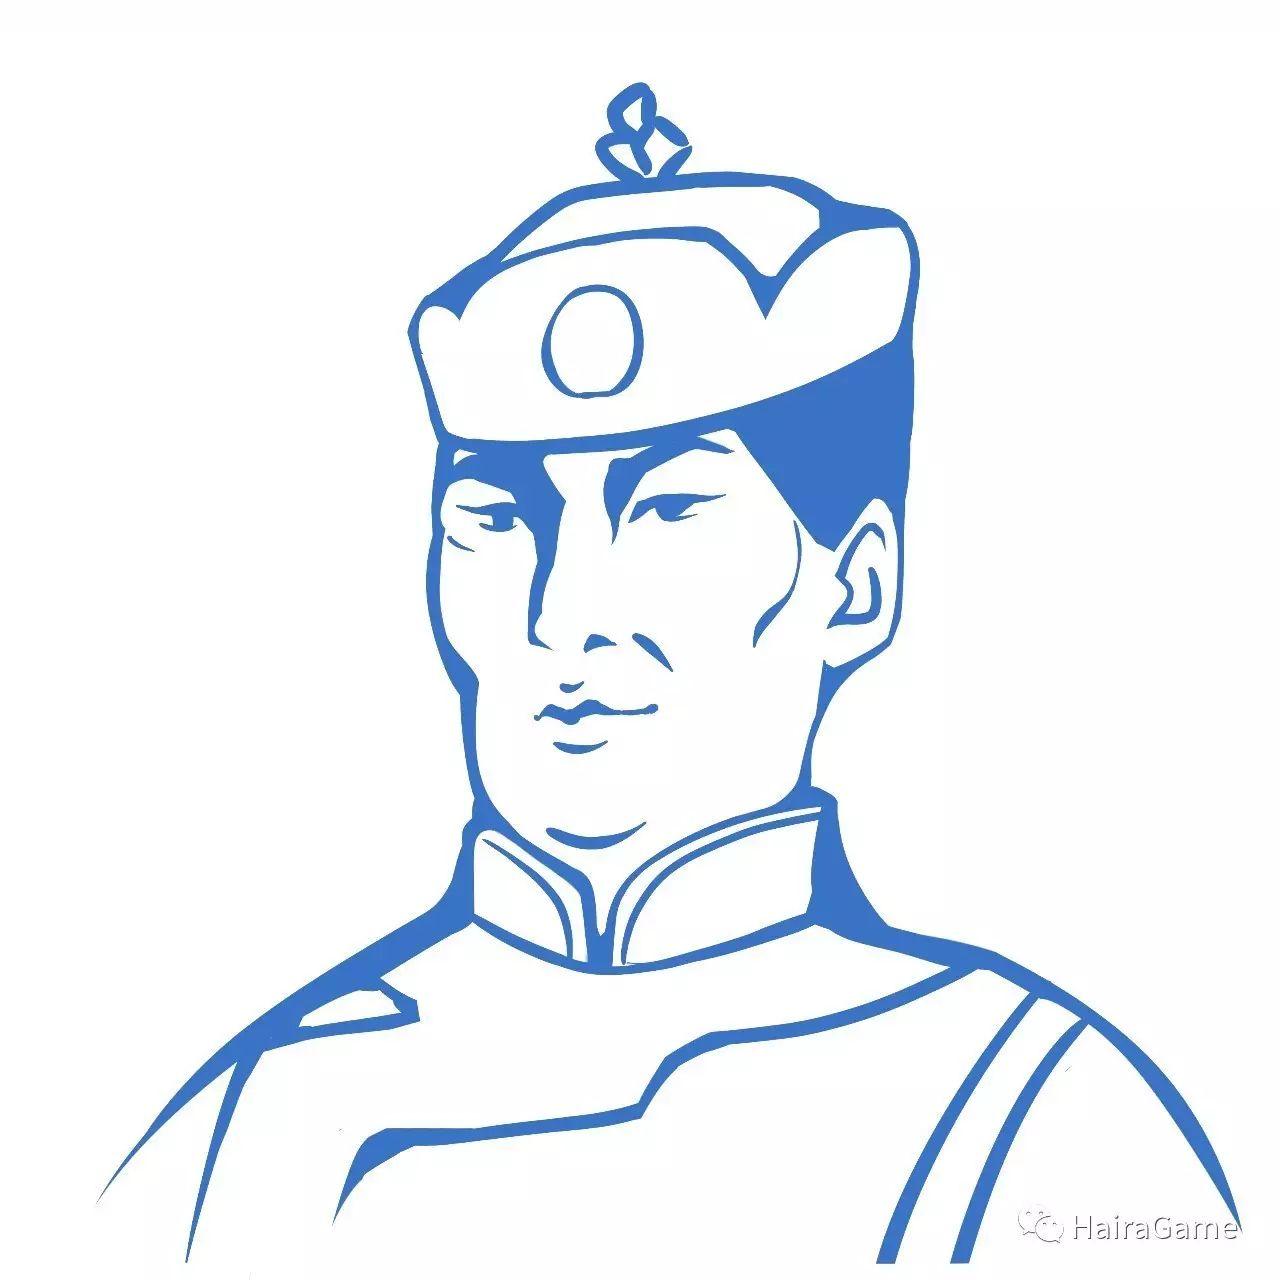 漫画头像 of 阿拉善和硕特蒙古|Haira绘制 第1张